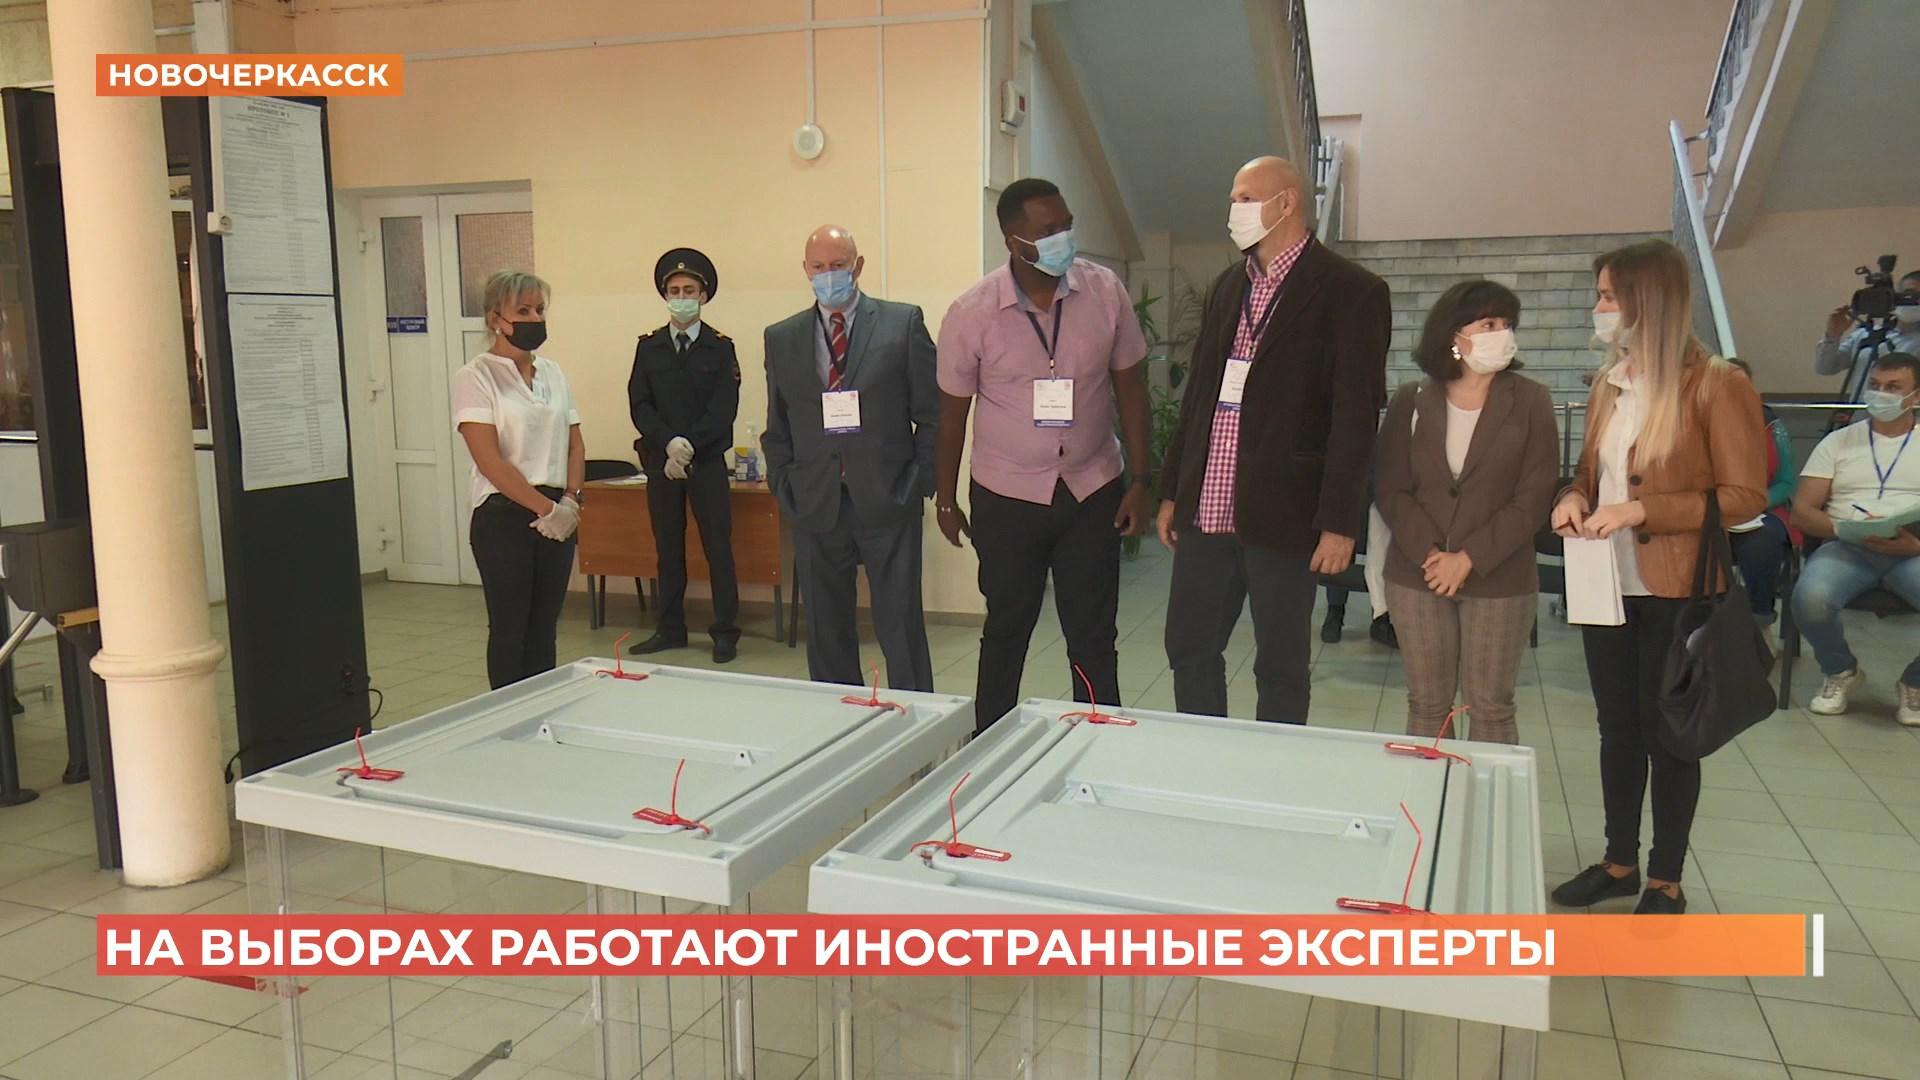 Иностранные эксперты побывали на выборах в Новочеркасске